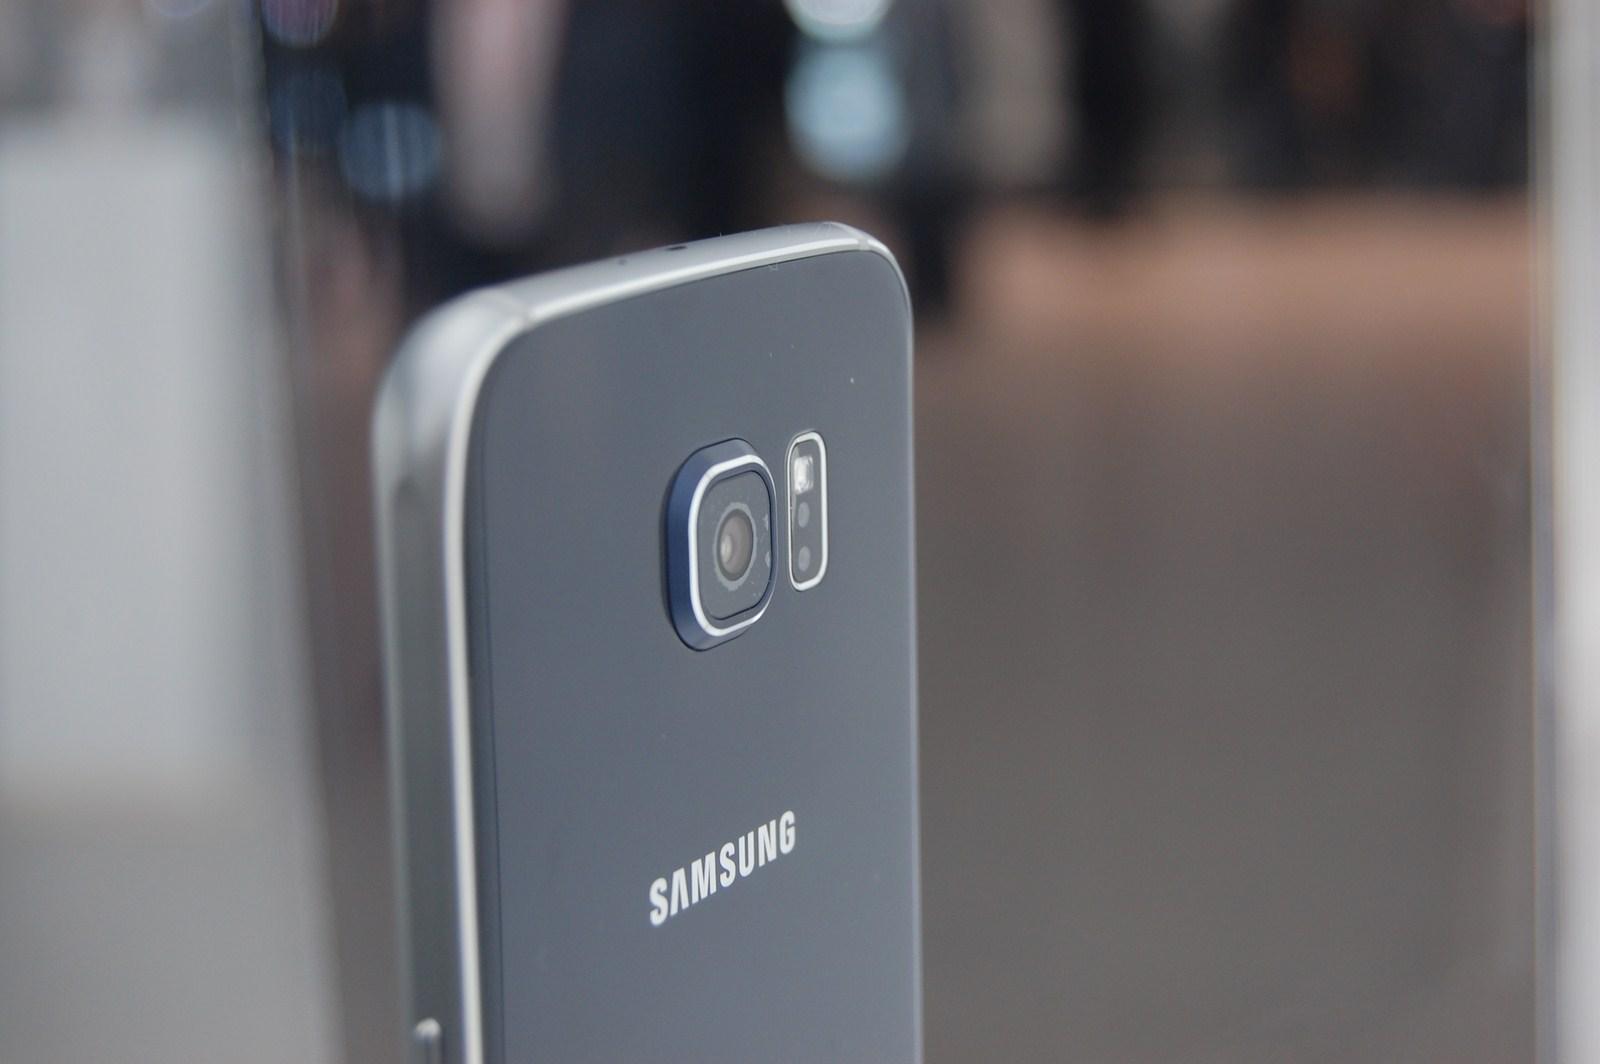 Trucchi per la fotocamera Samsung Galaxy S6 e S6 Edge 2